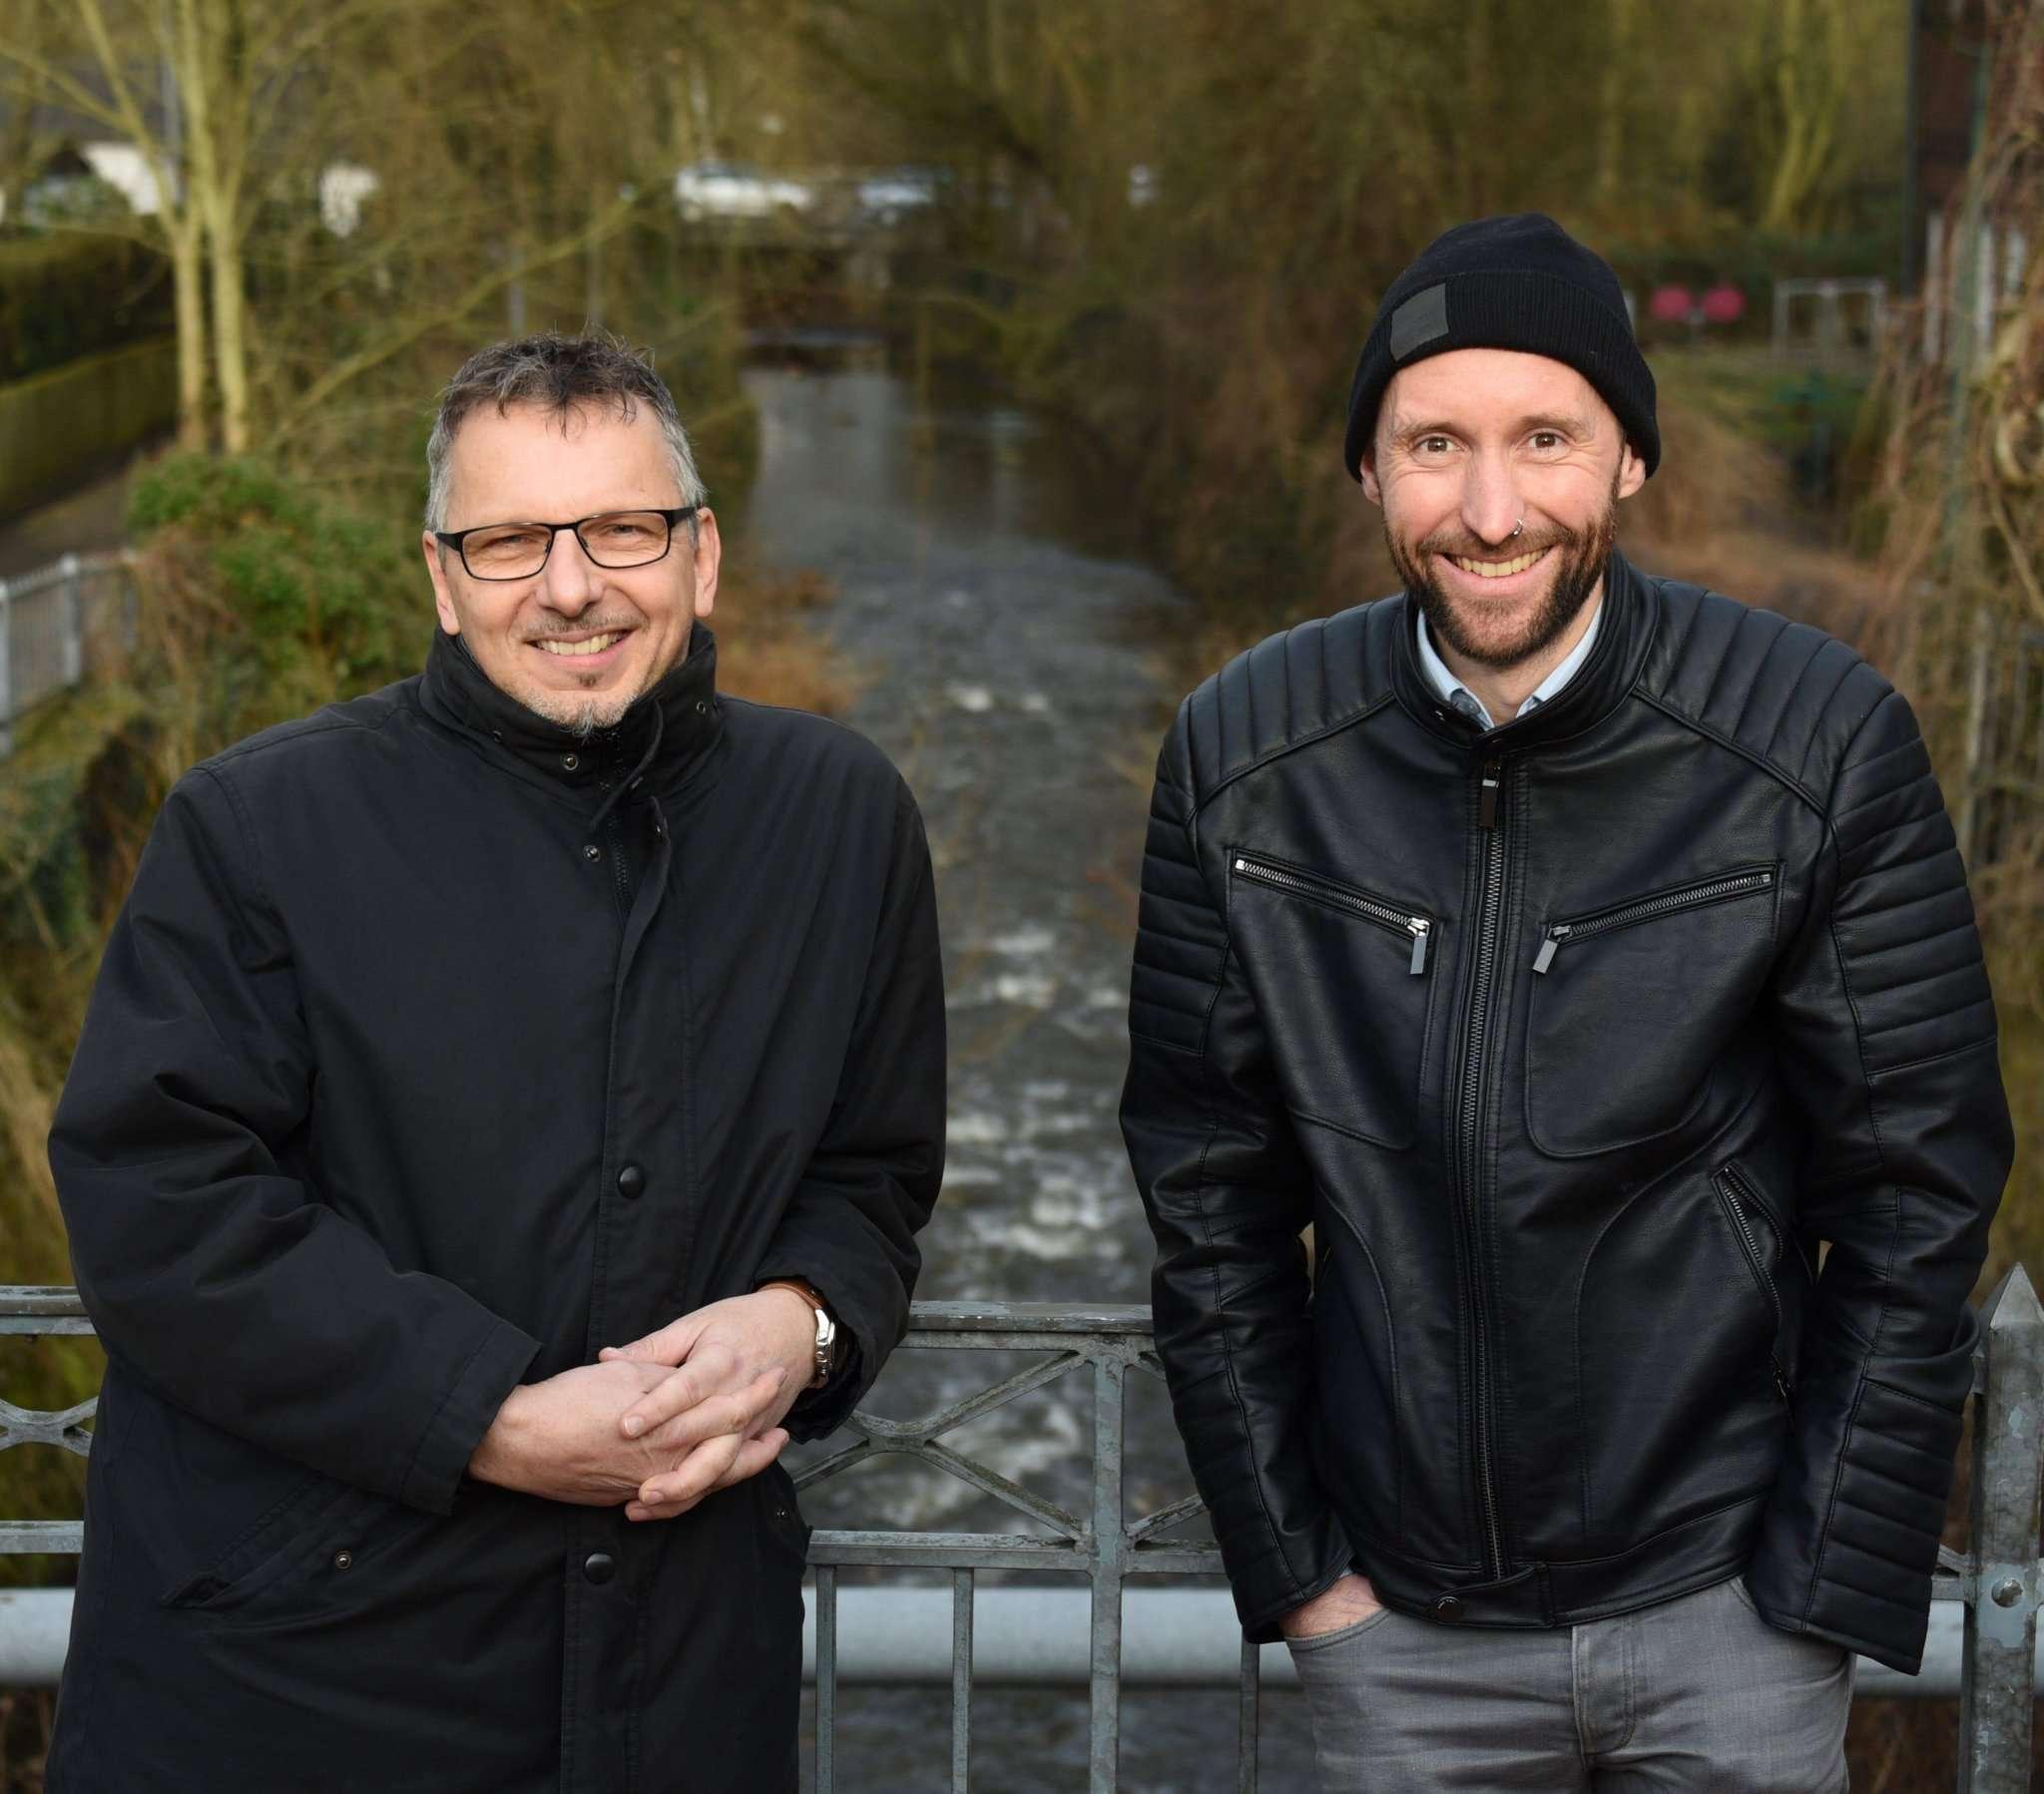 Alles im Fluss: Roland Stegmann (links) und Benjamin Faber erzählen von Veränderungen und Höhepunkten bei